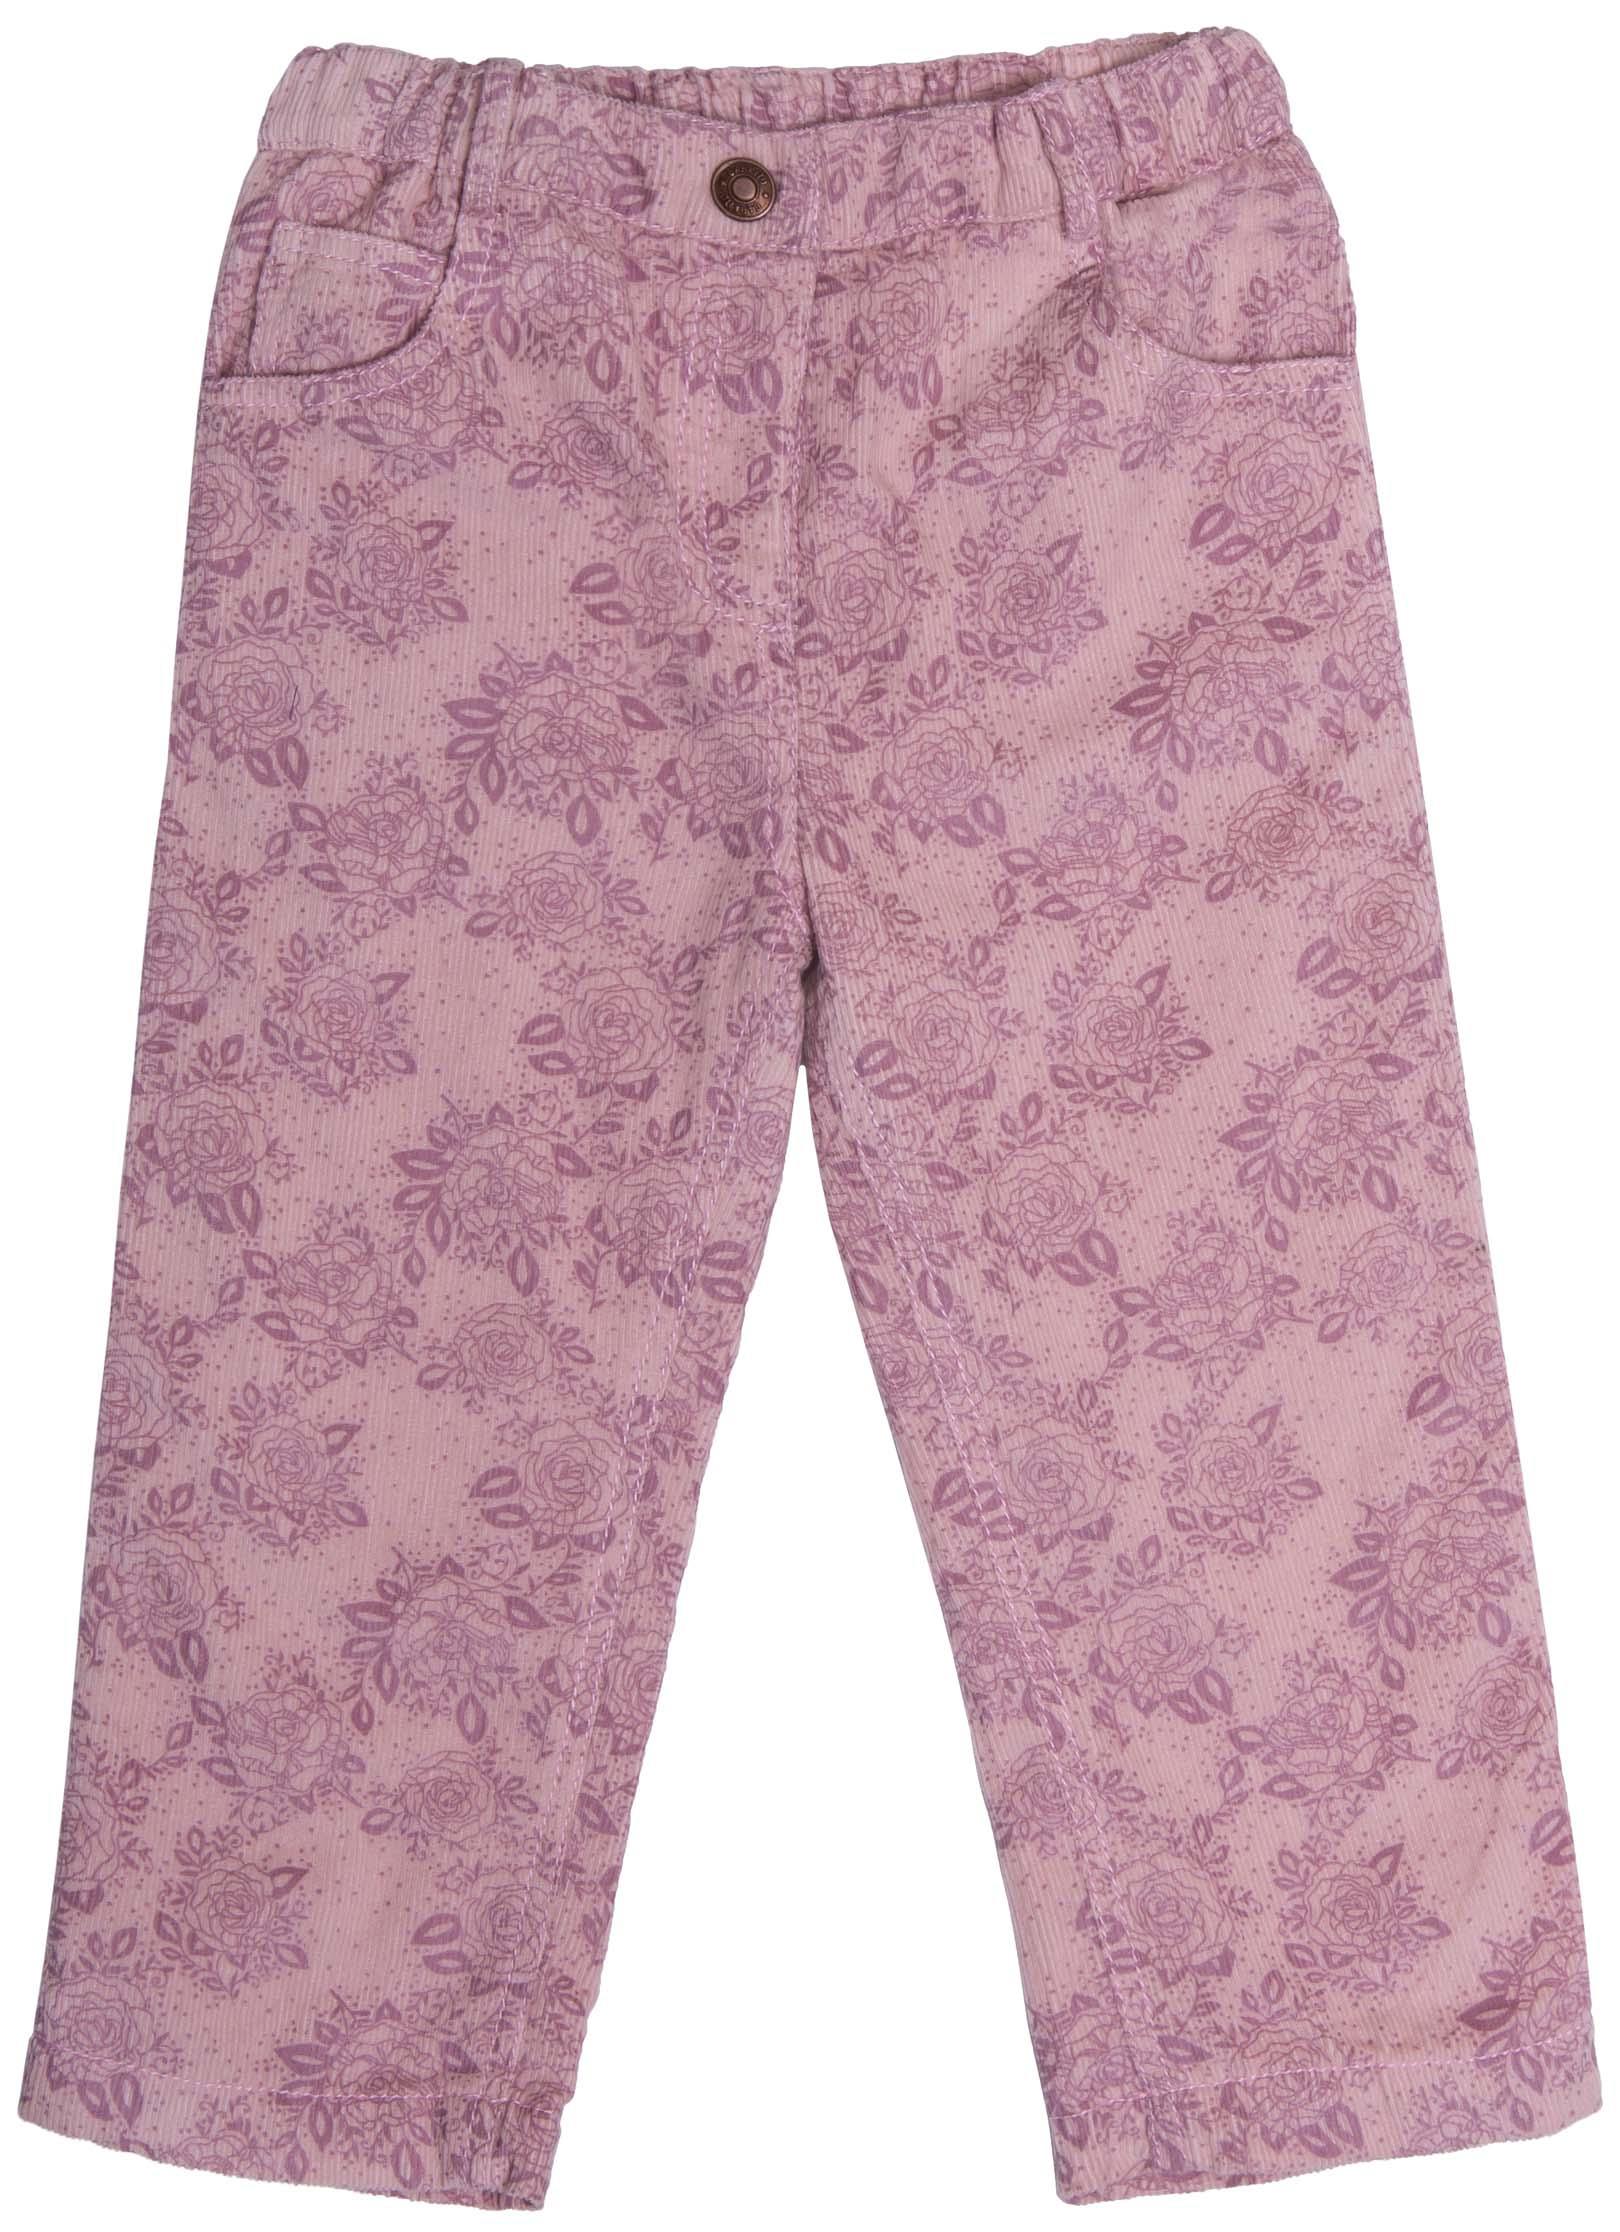 Брюки для девочки Barkito Любимая куколка розовый с рисунком «цветы» брюки дудочки с рисунком